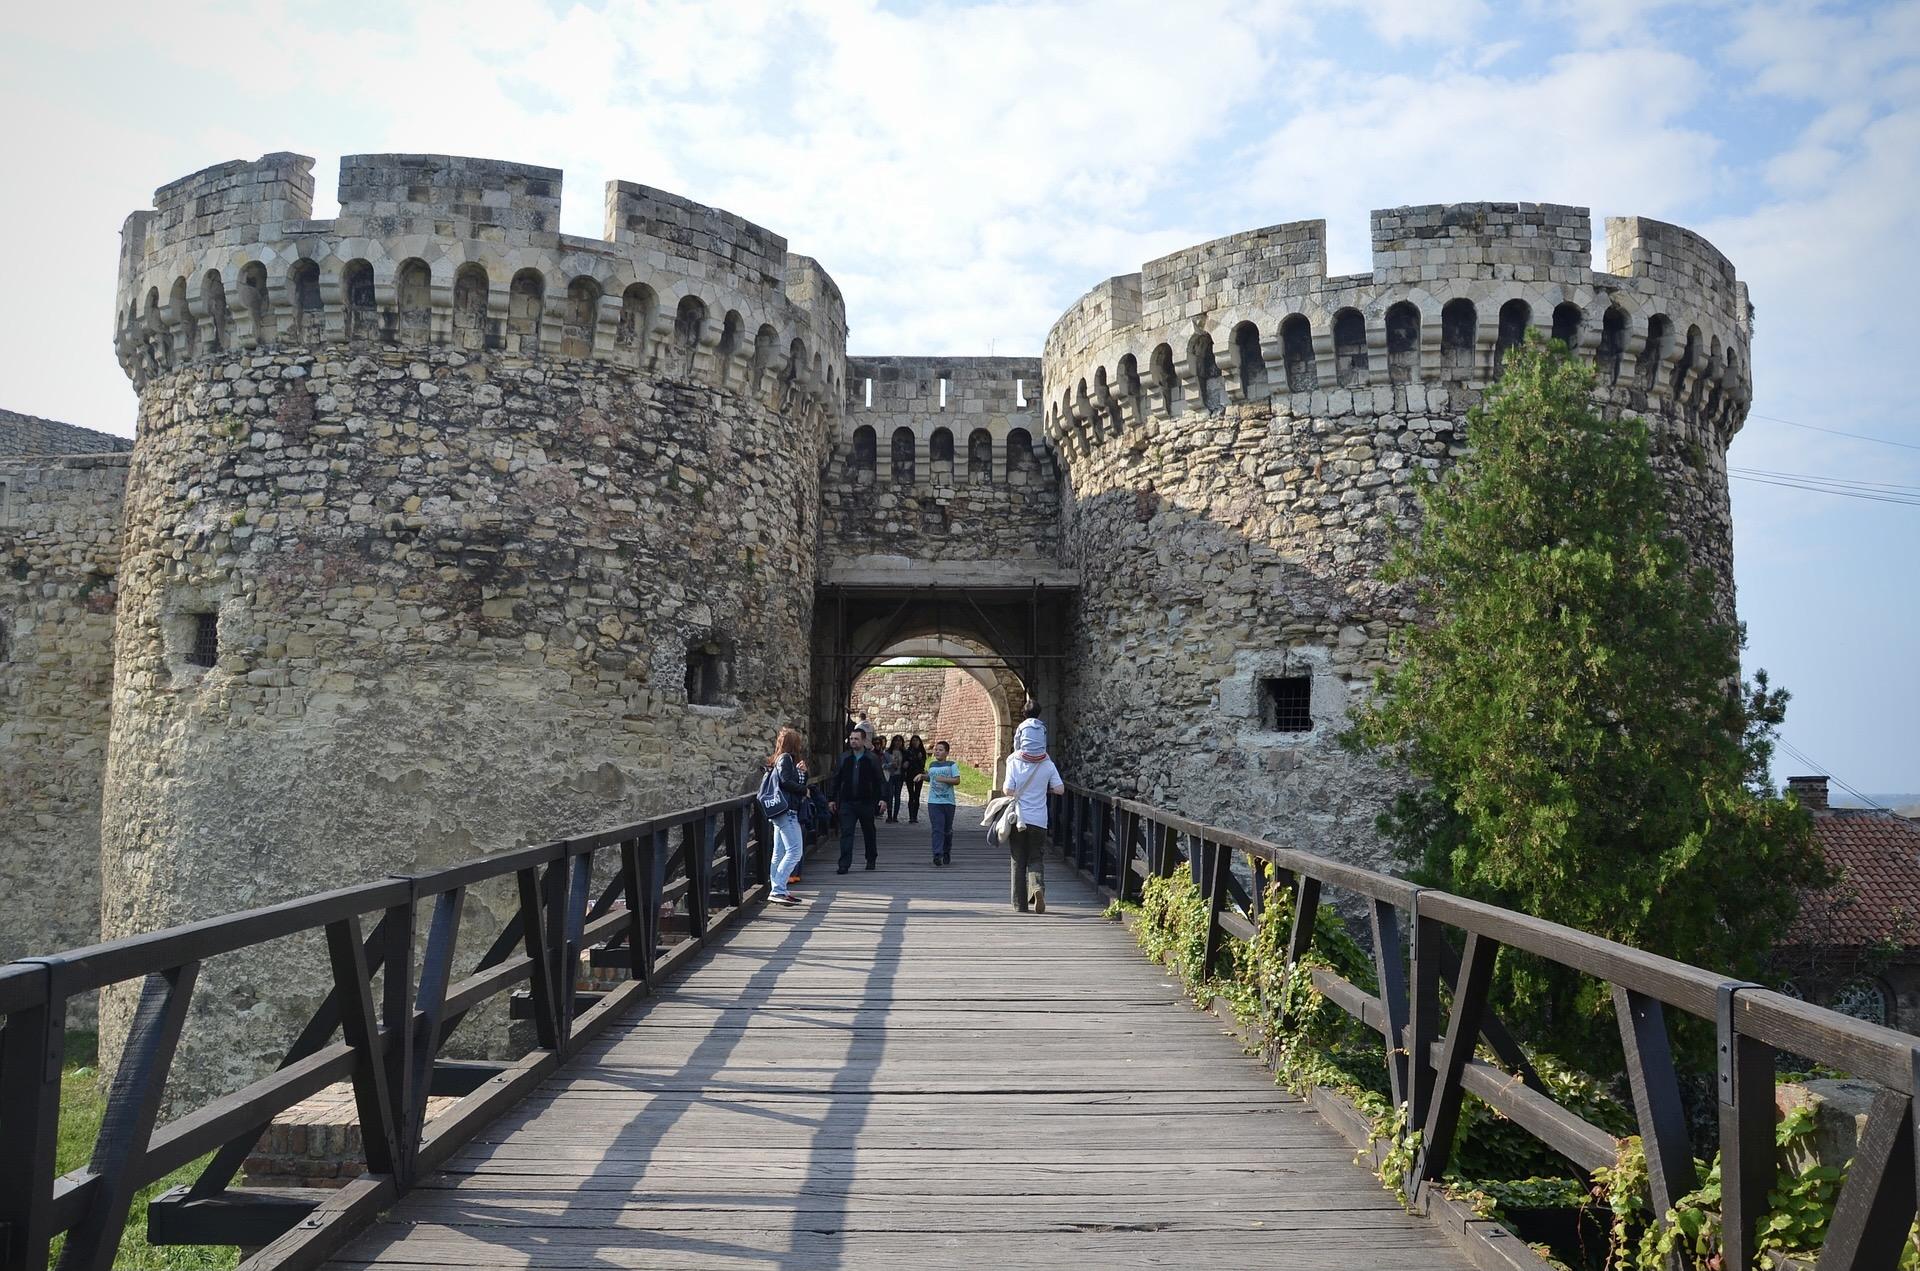 Die Festung in Belgrad ist eine Sehenswürdigkeit bei einer Städtereise